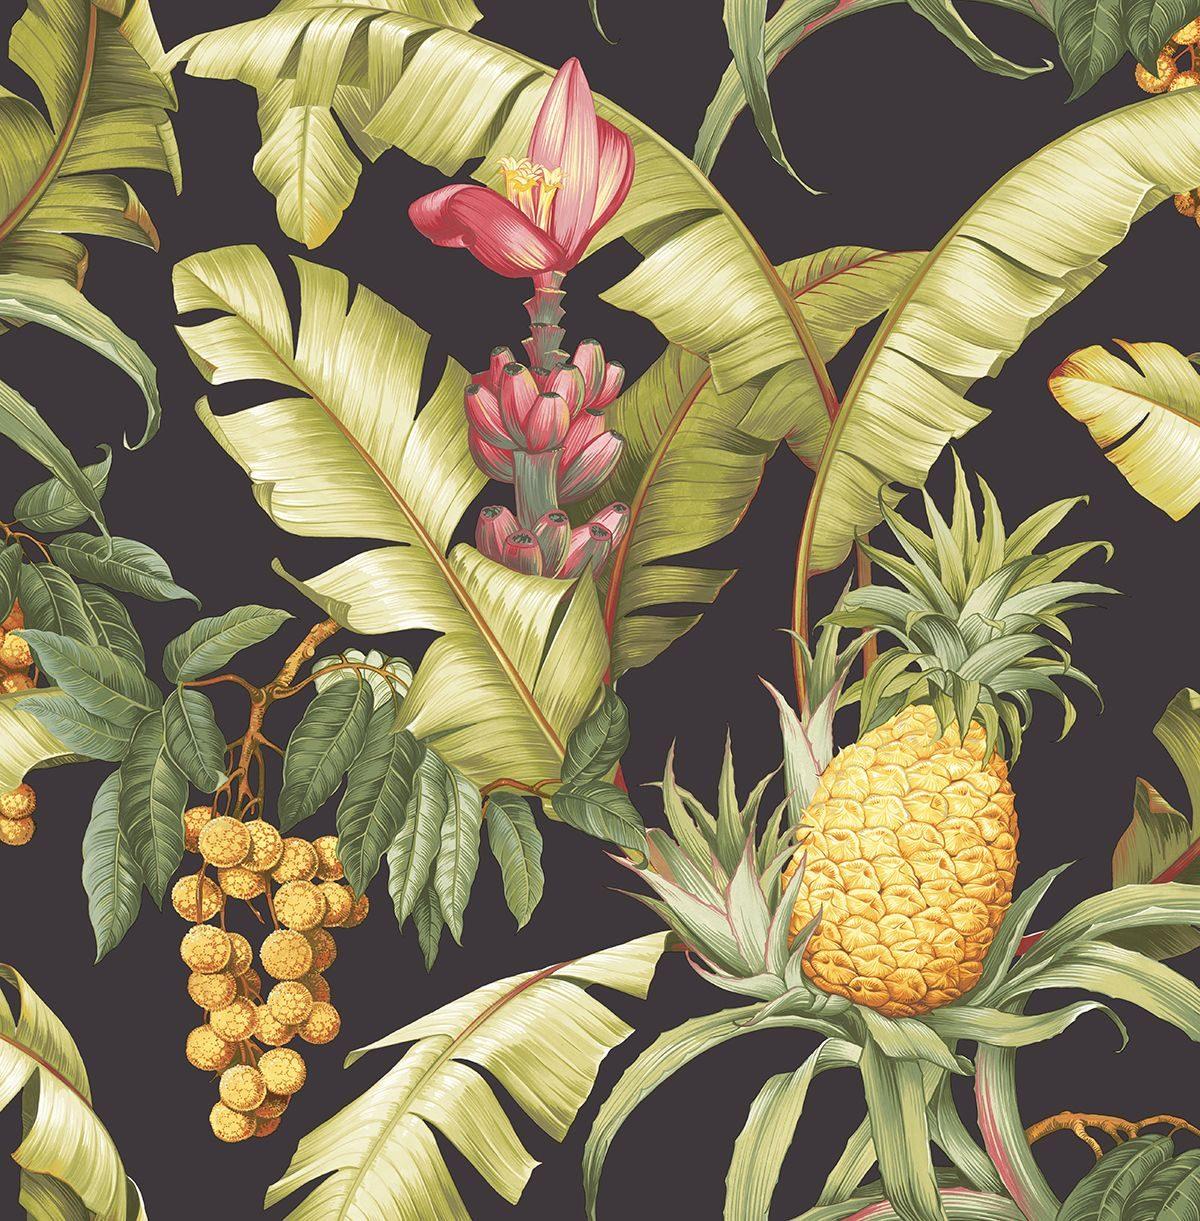 Carta da parati ananas Wallquest Pineapple Floral Maui Maui TP80000 AERREe